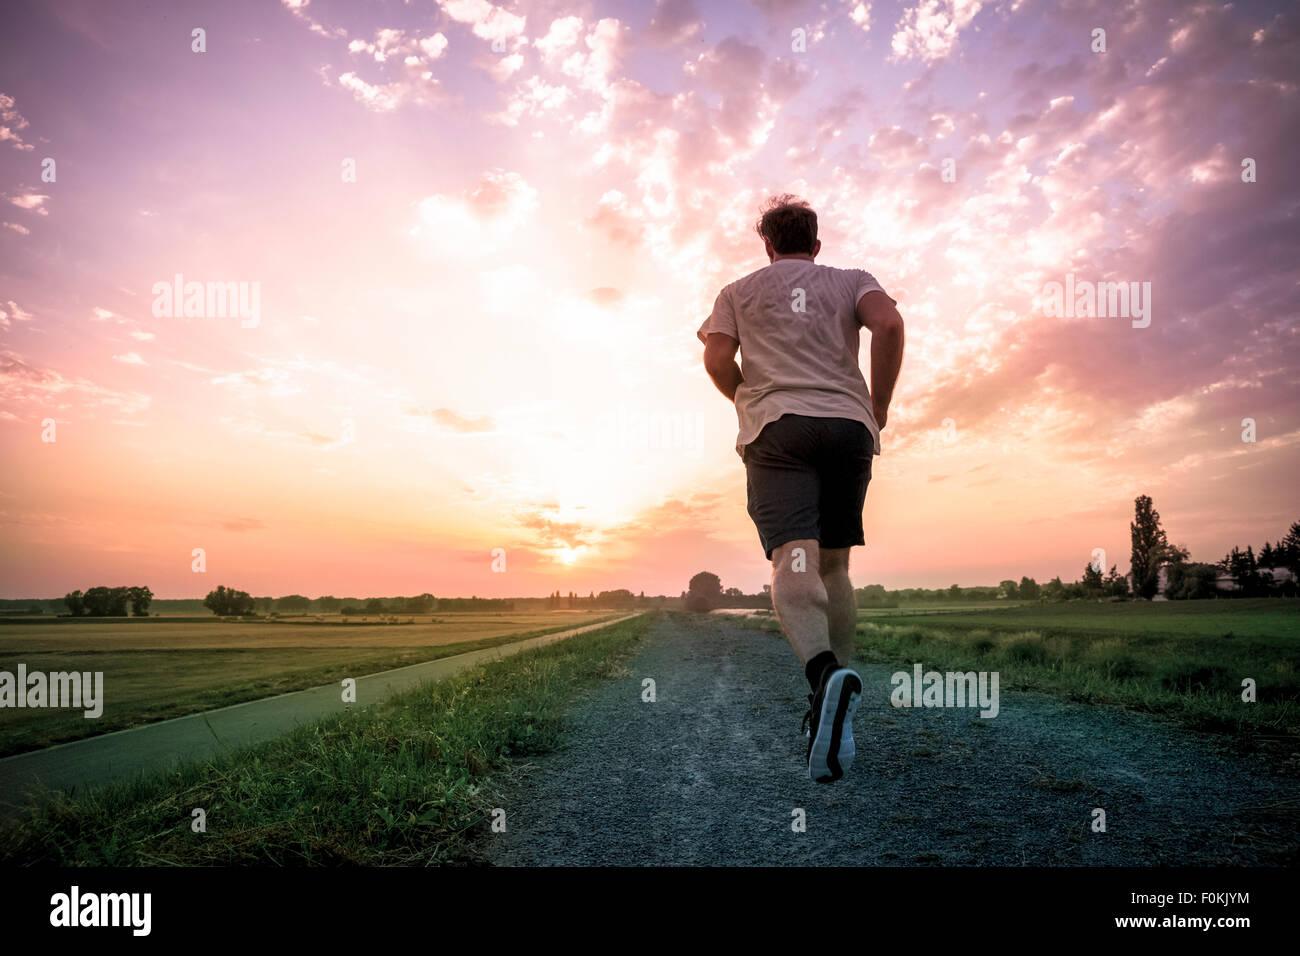 Rückansicht des Menschen joggen bei Sonnenuntergang Stockbild